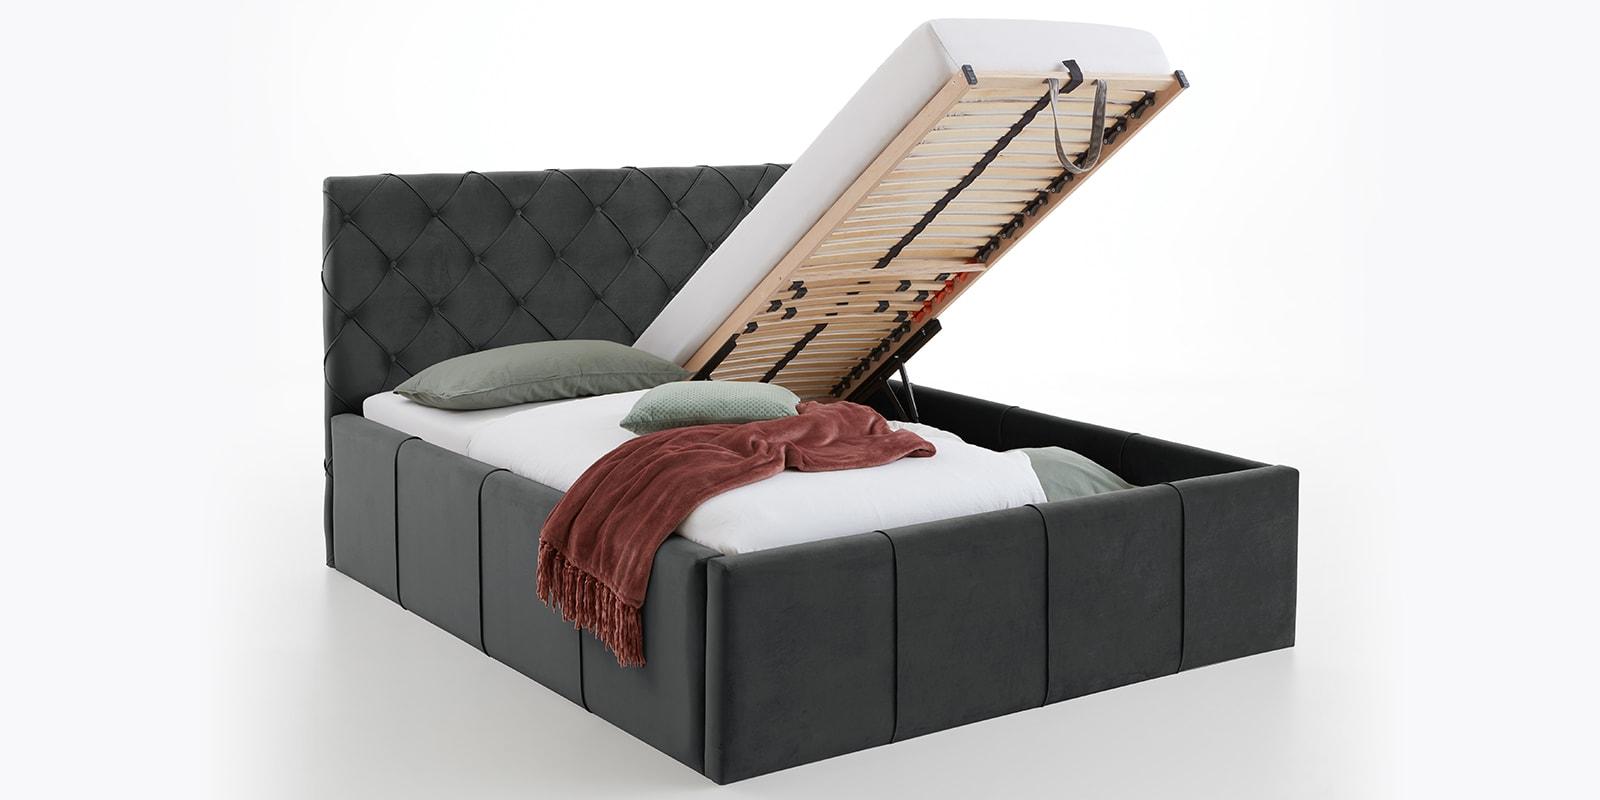 Moebella24 - Bett - mit - Bettkasten - Nelly - Samt - Anthrazit -XXL-Stauraum - Keder - Bettkasten-vormontiert - Kopfteil - mit - Knopfheftung